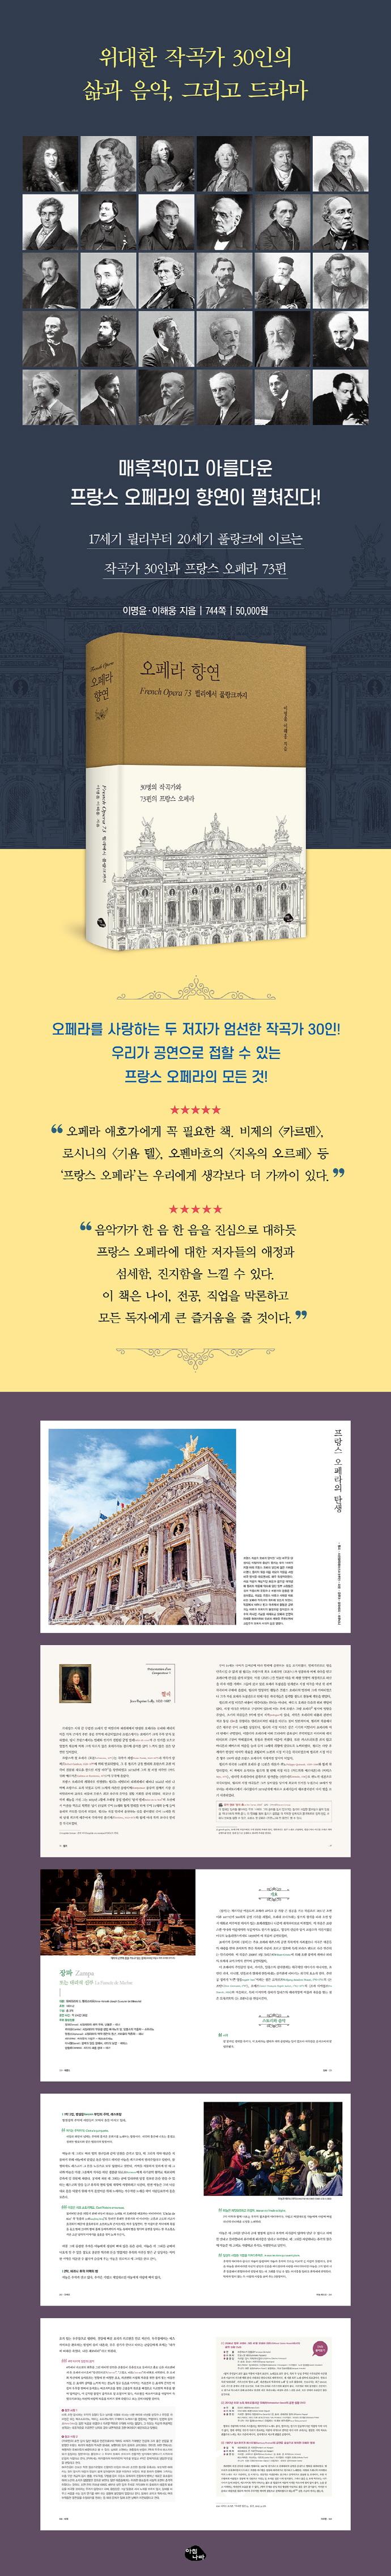 오페라 향연(양장본 HardCover) 도서 상세이미지